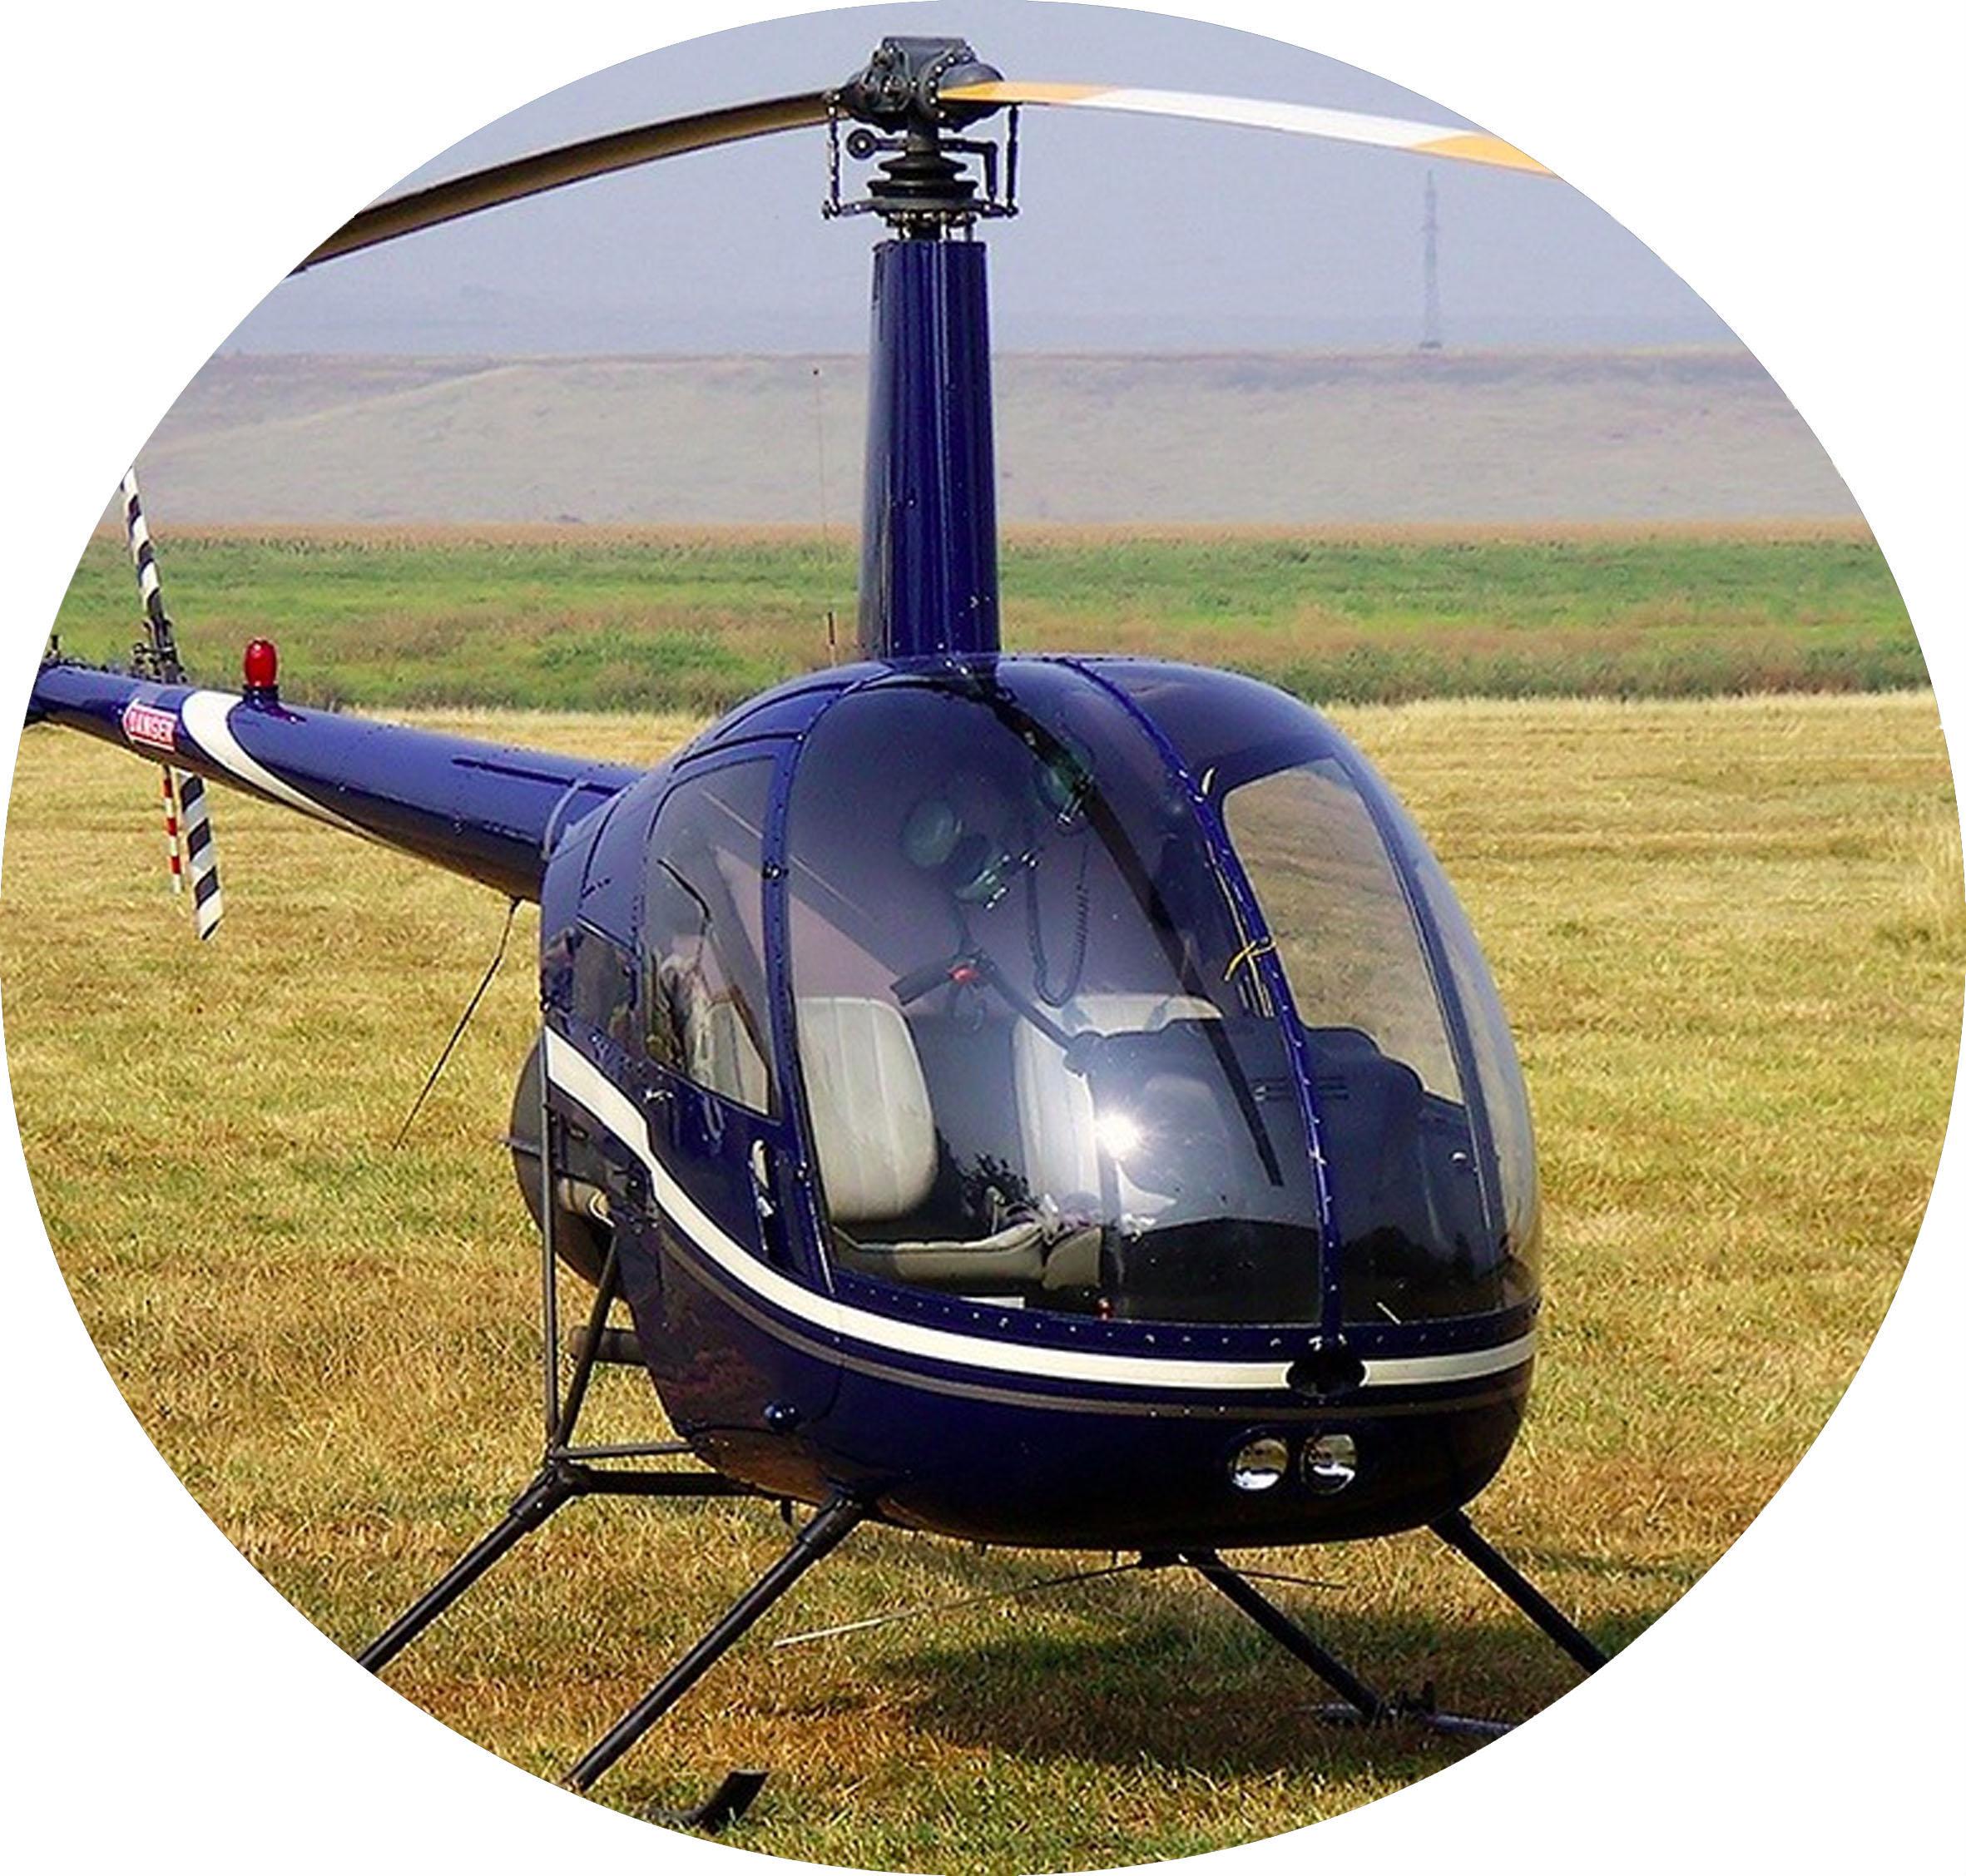 Elicottero R22 : Manutenzione e gestione aeronavigabilità elicotteri robinson r